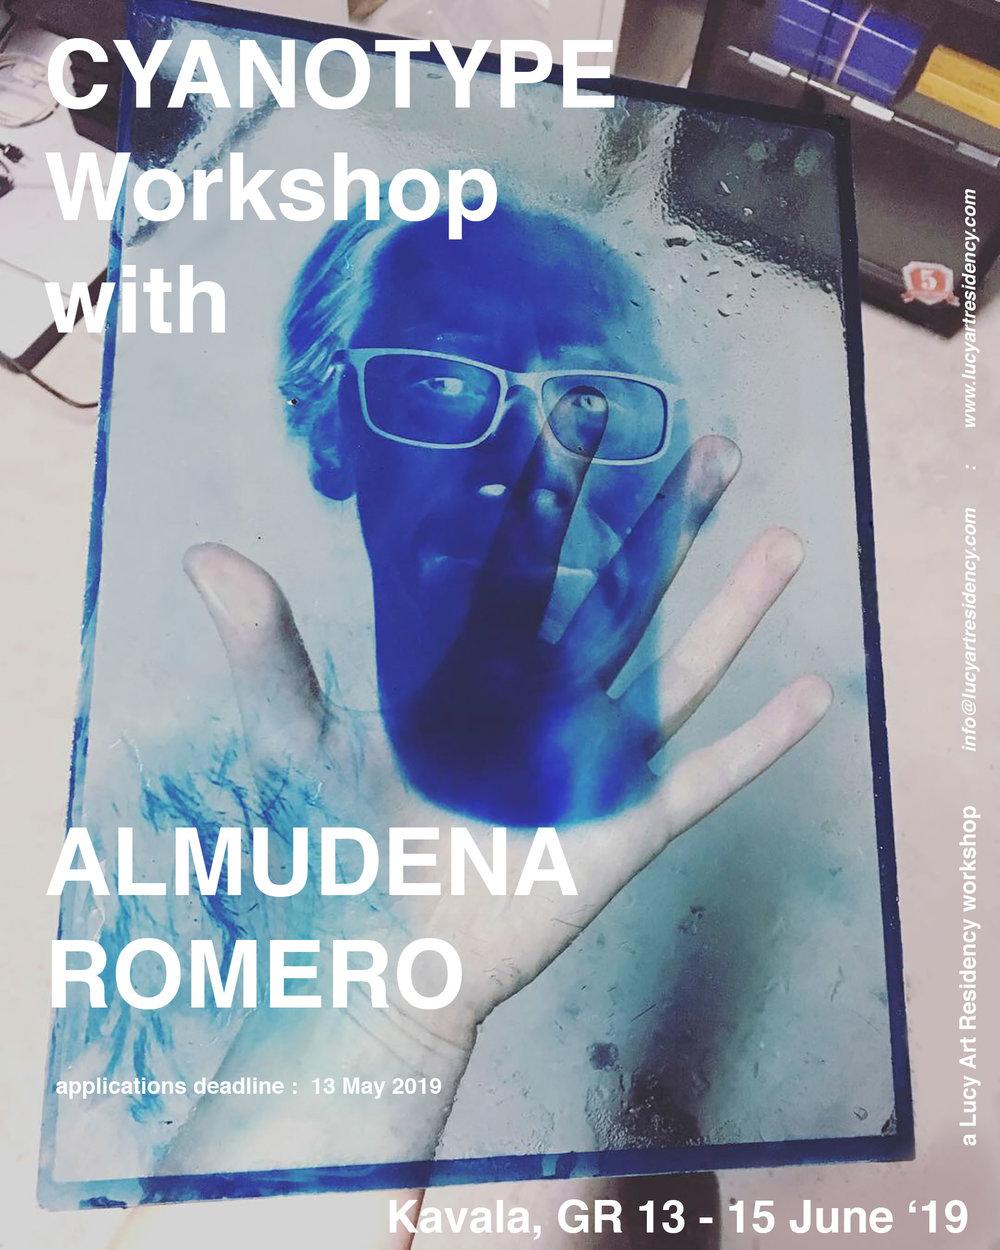 almudenaRomeroworkshop.jpg